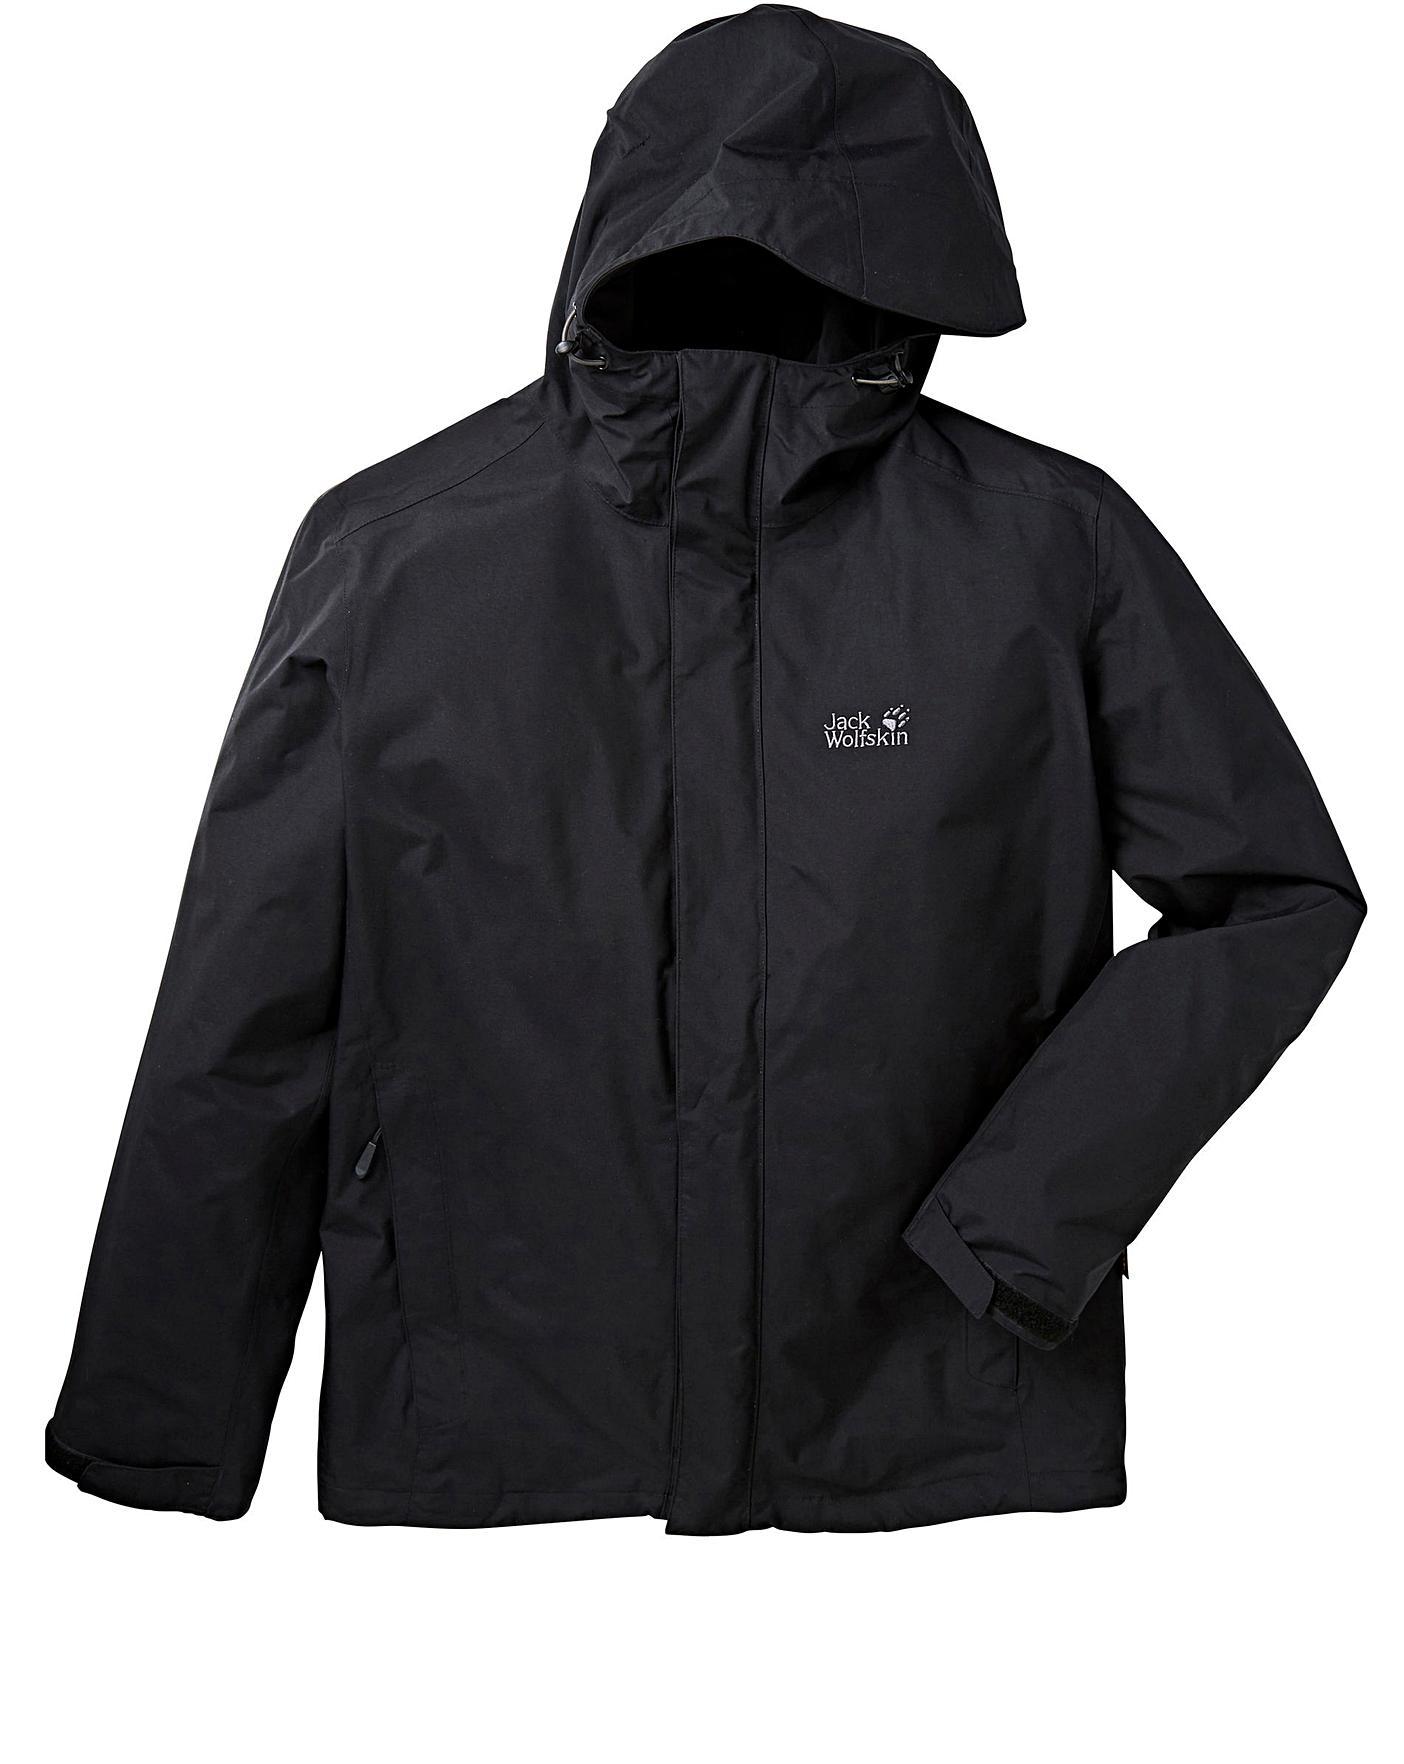 e745fb987 Jack Wolfskin Iceland 3 in 1 Men Jacket